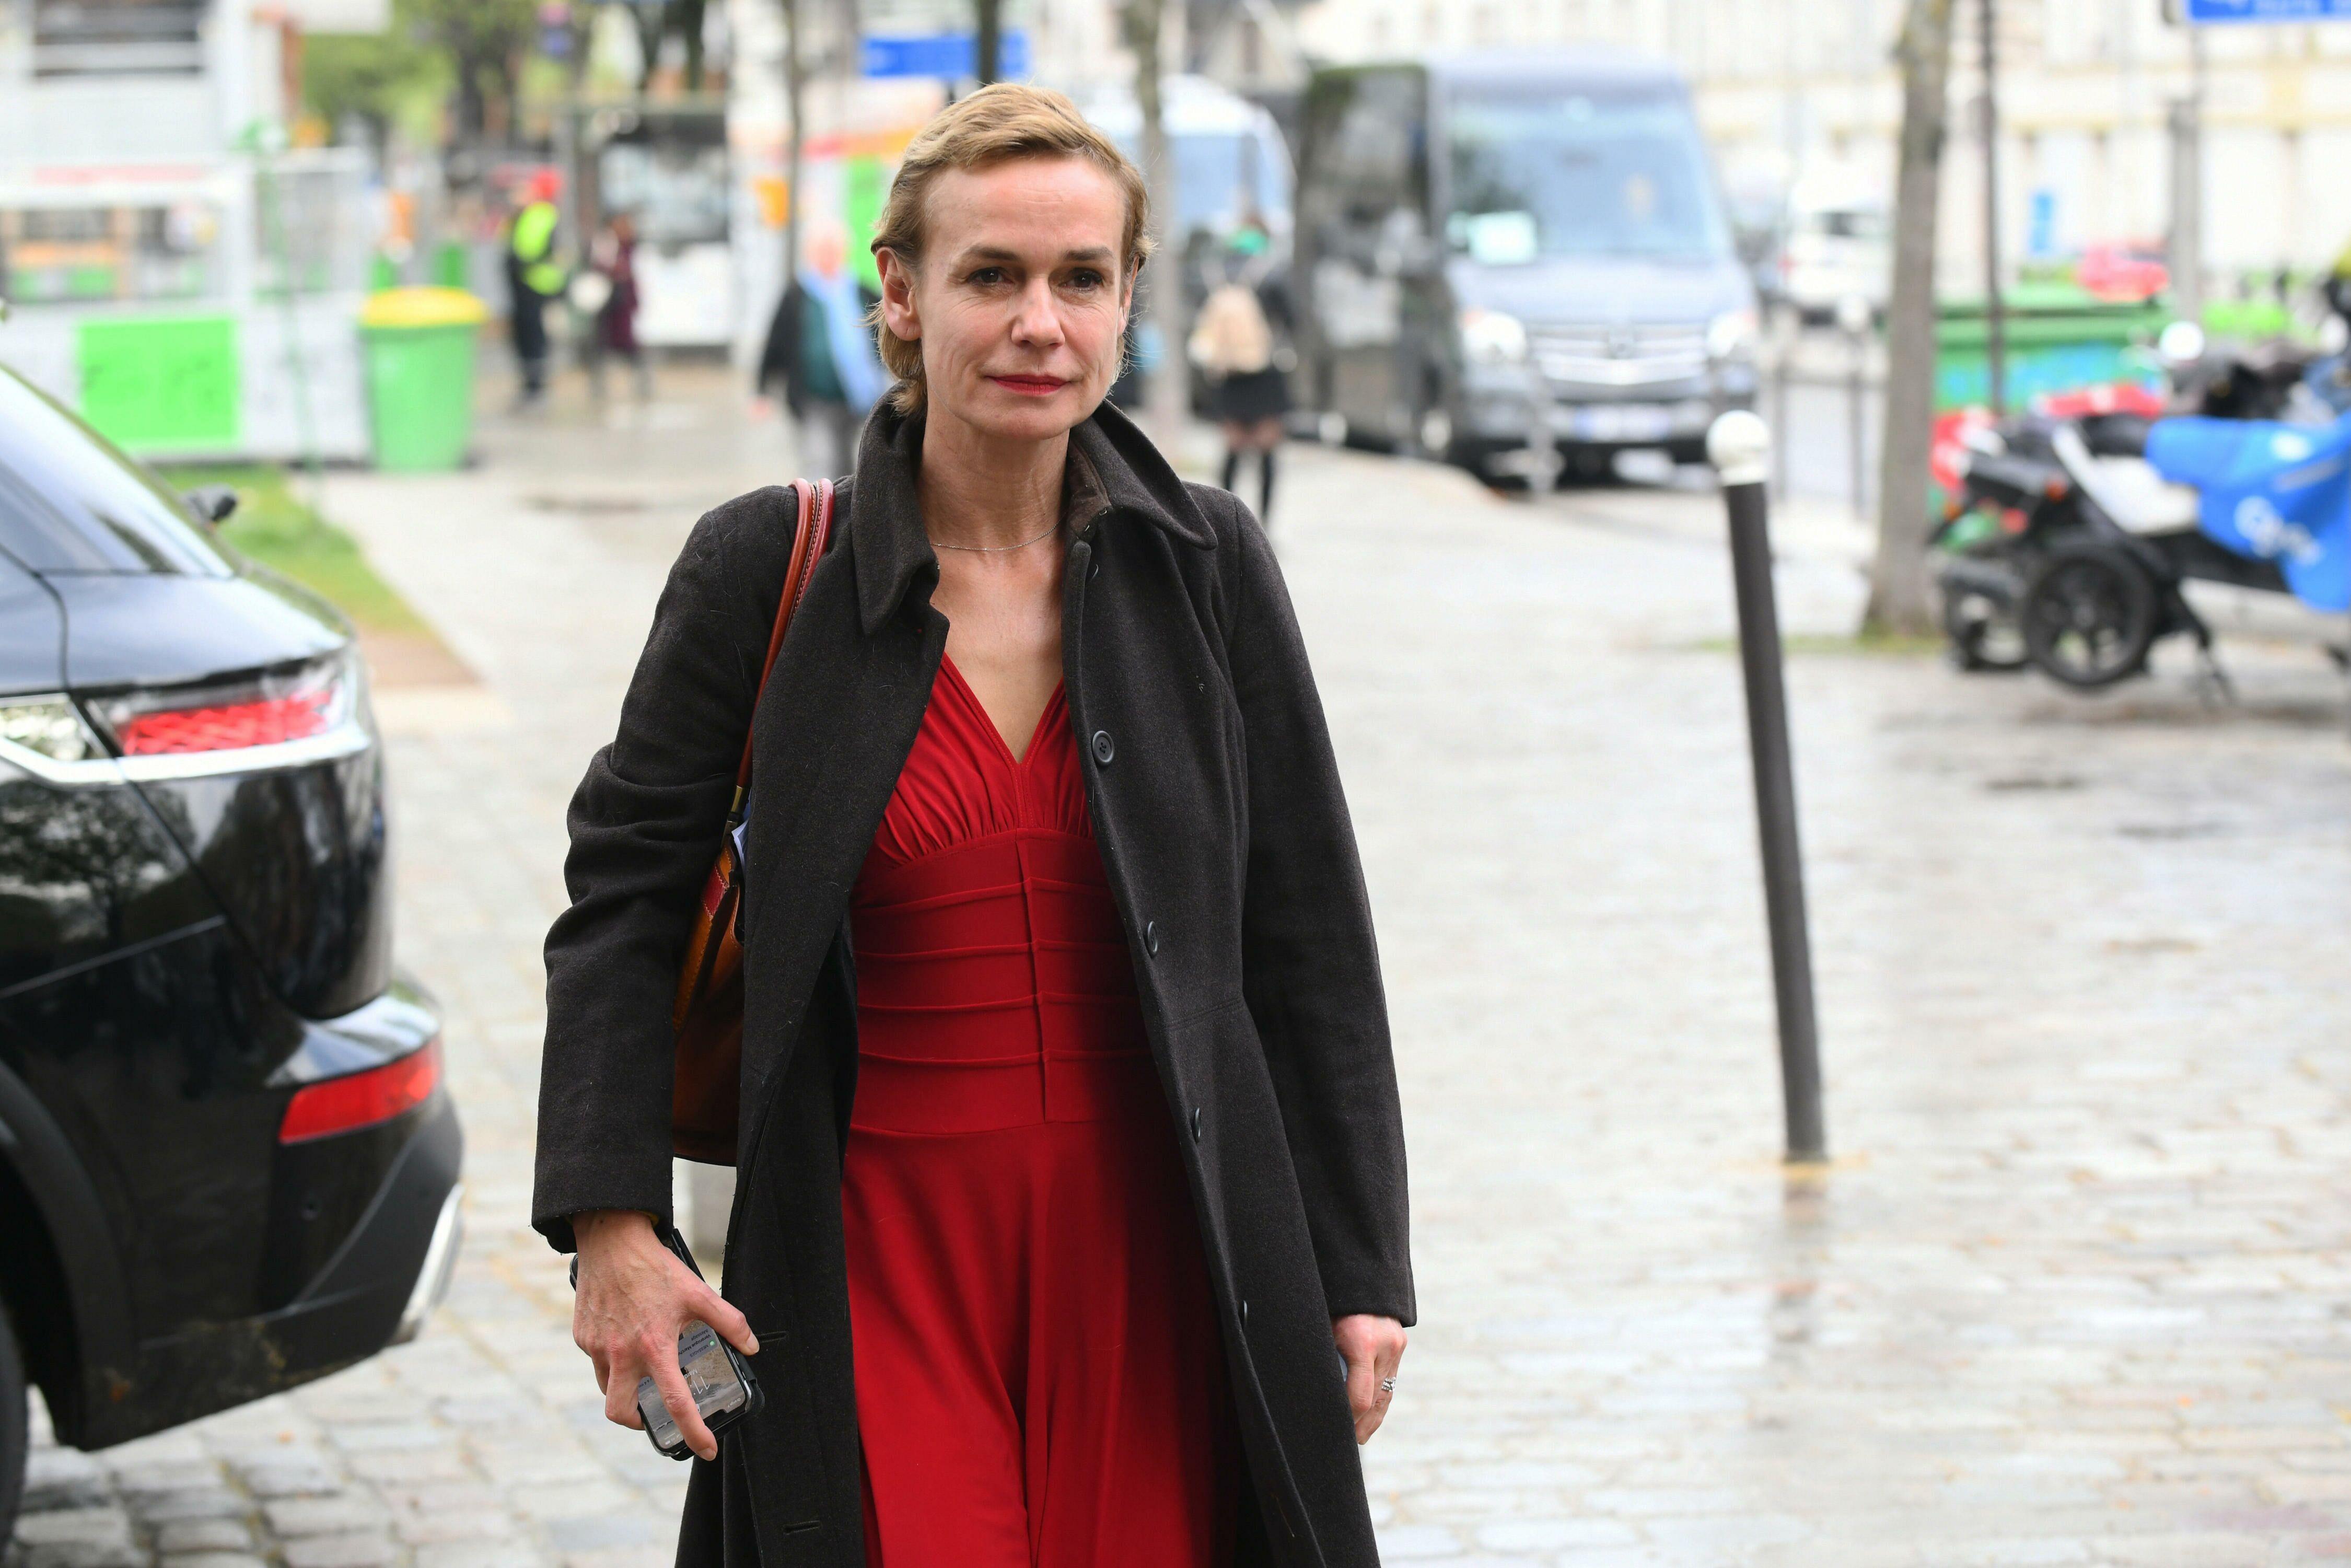 Sandrine Bonnaire victime de violences conjugales : elle révèle un récit glaçant